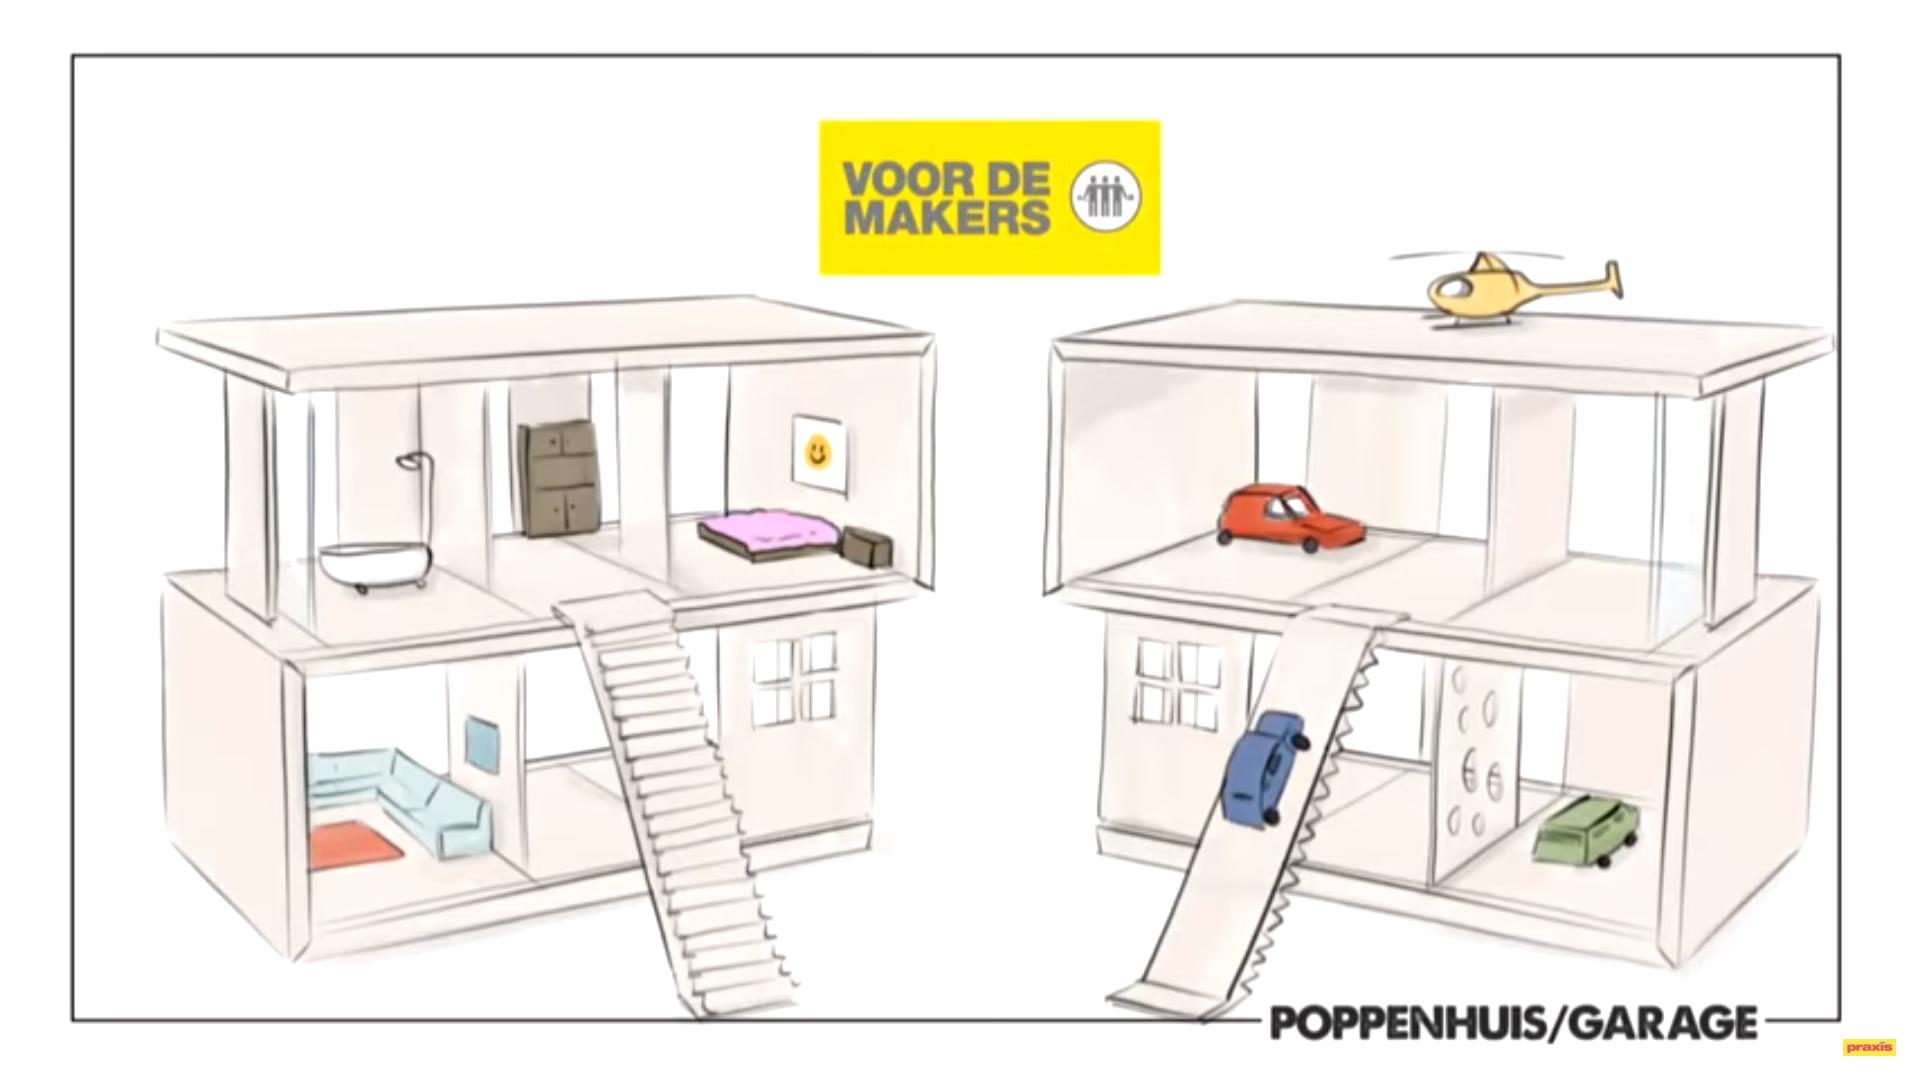 poppenhuis of garage maken voordemakersnl